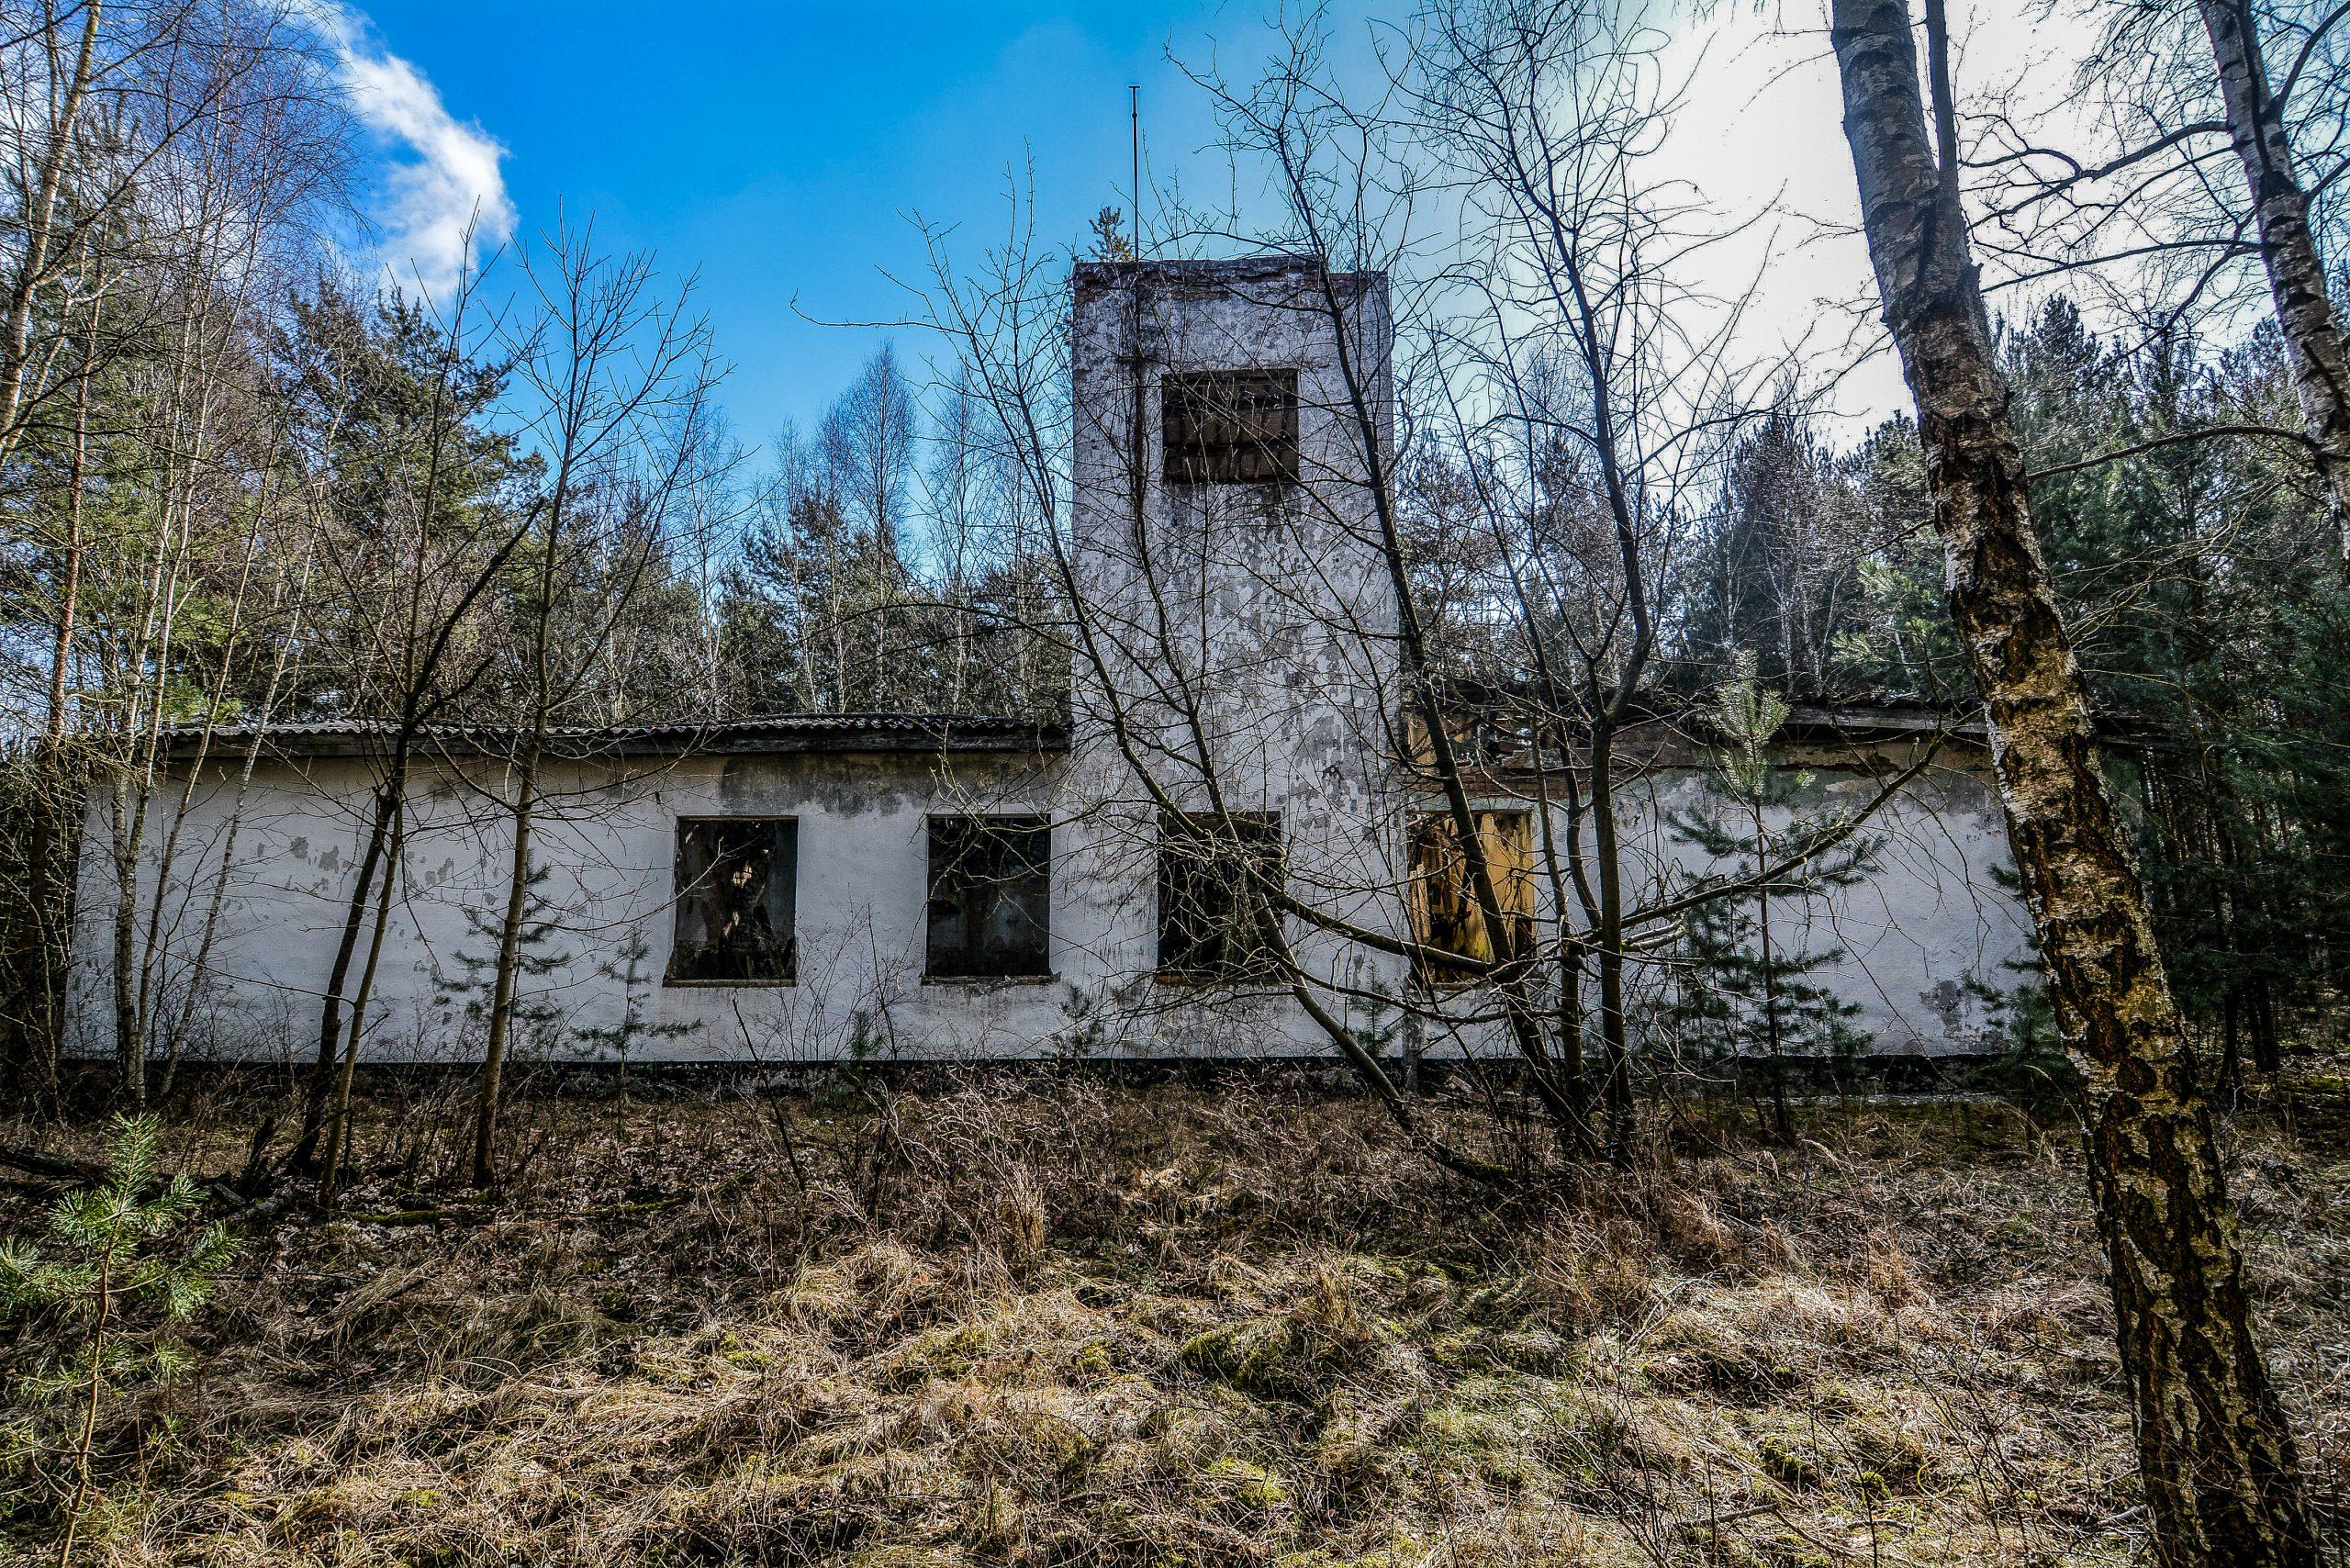 soviet observation post forrest forst zinna adolf hitler lager luckenwalde juterbog sowjet kaserne soviet military barracks germany lost places urbex abandoned